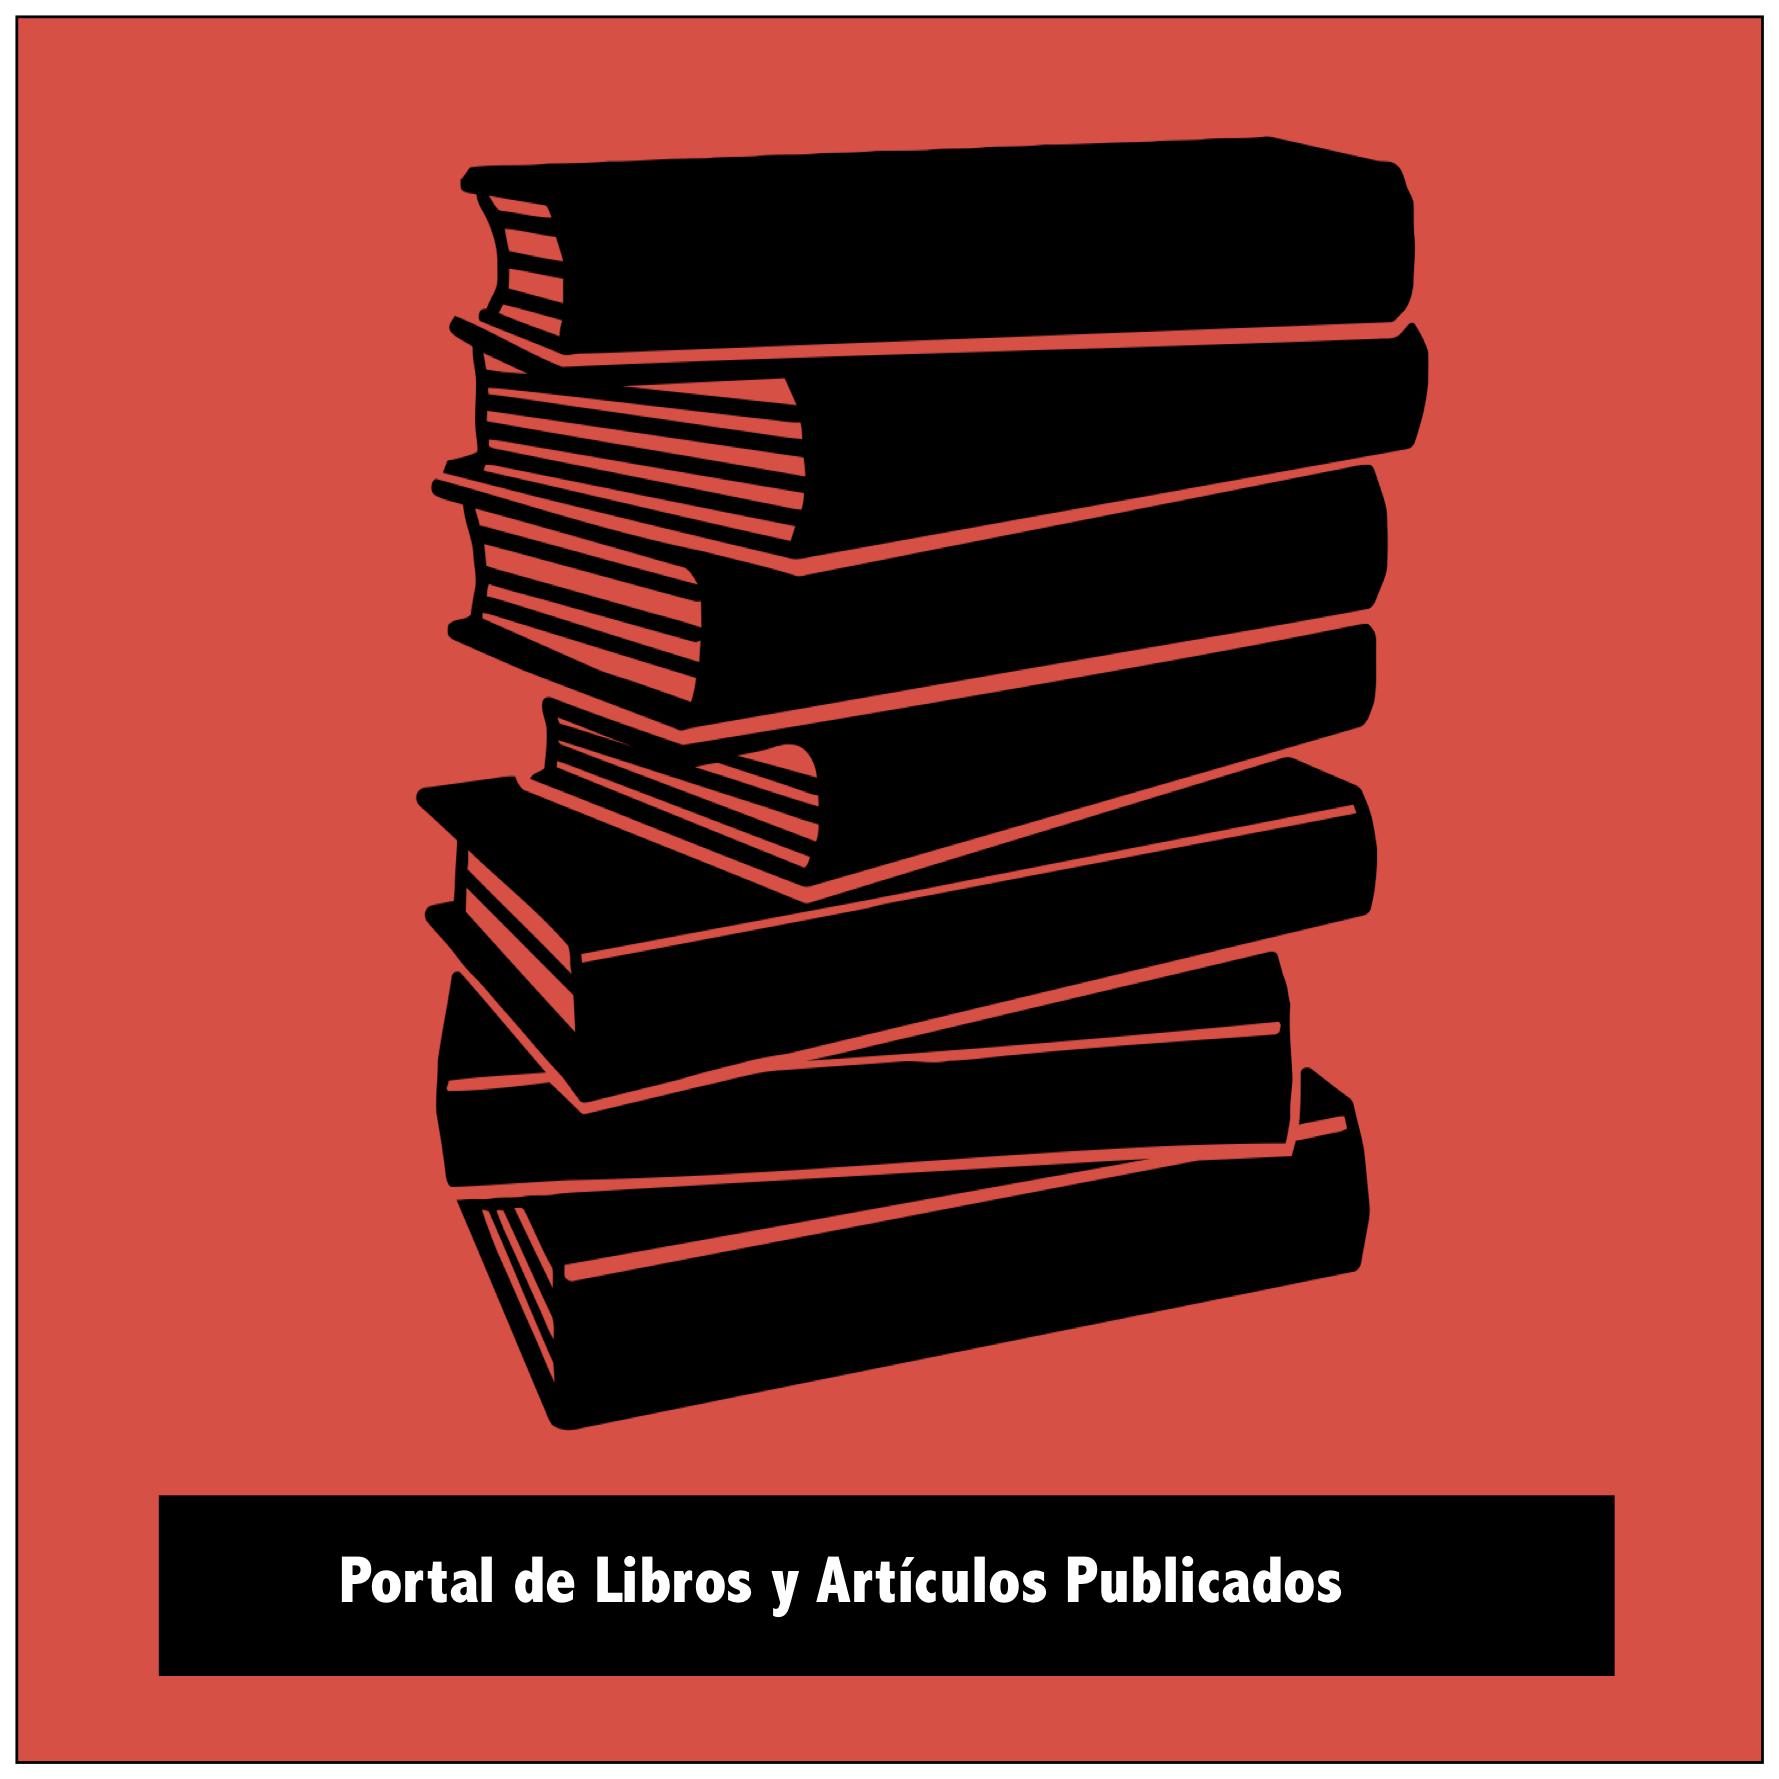 Portal de Libros y Articulos